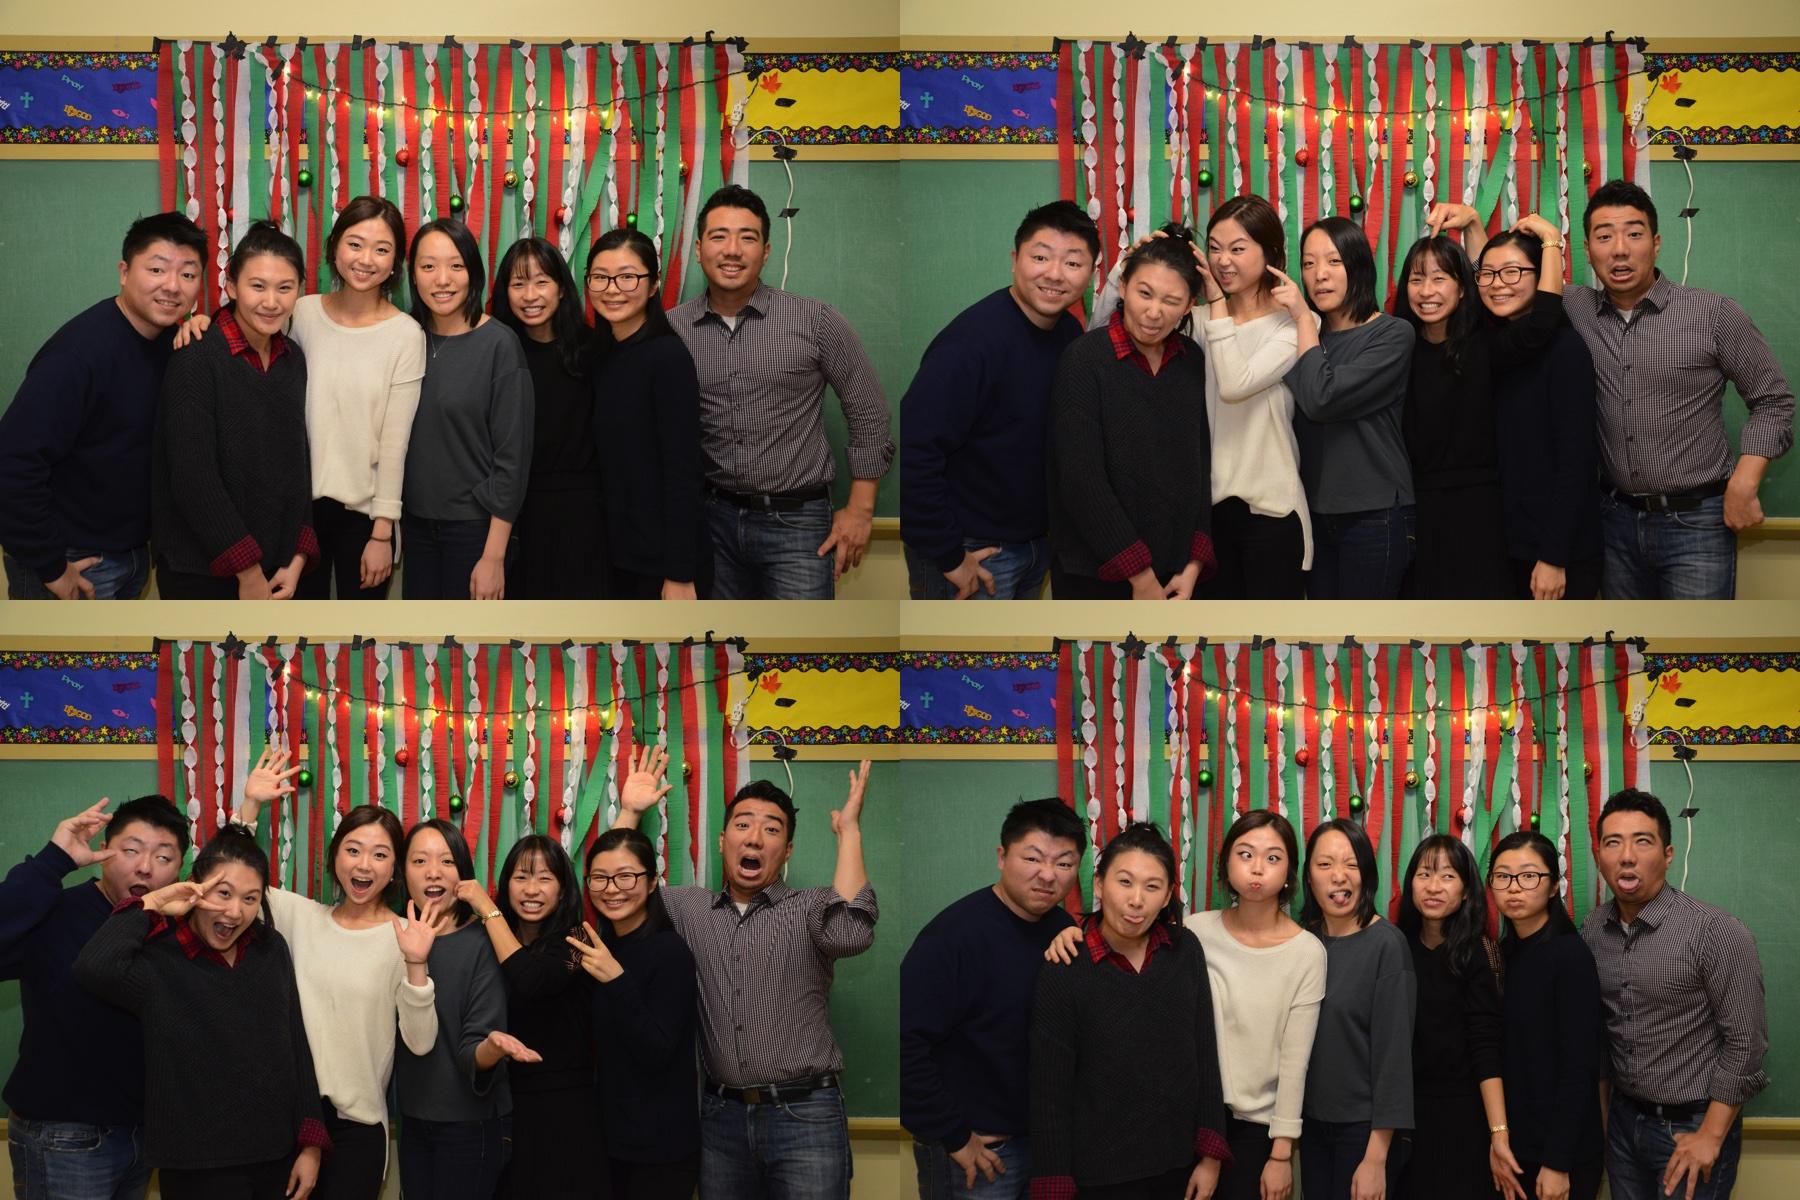 2016-12-10_134039.jpg